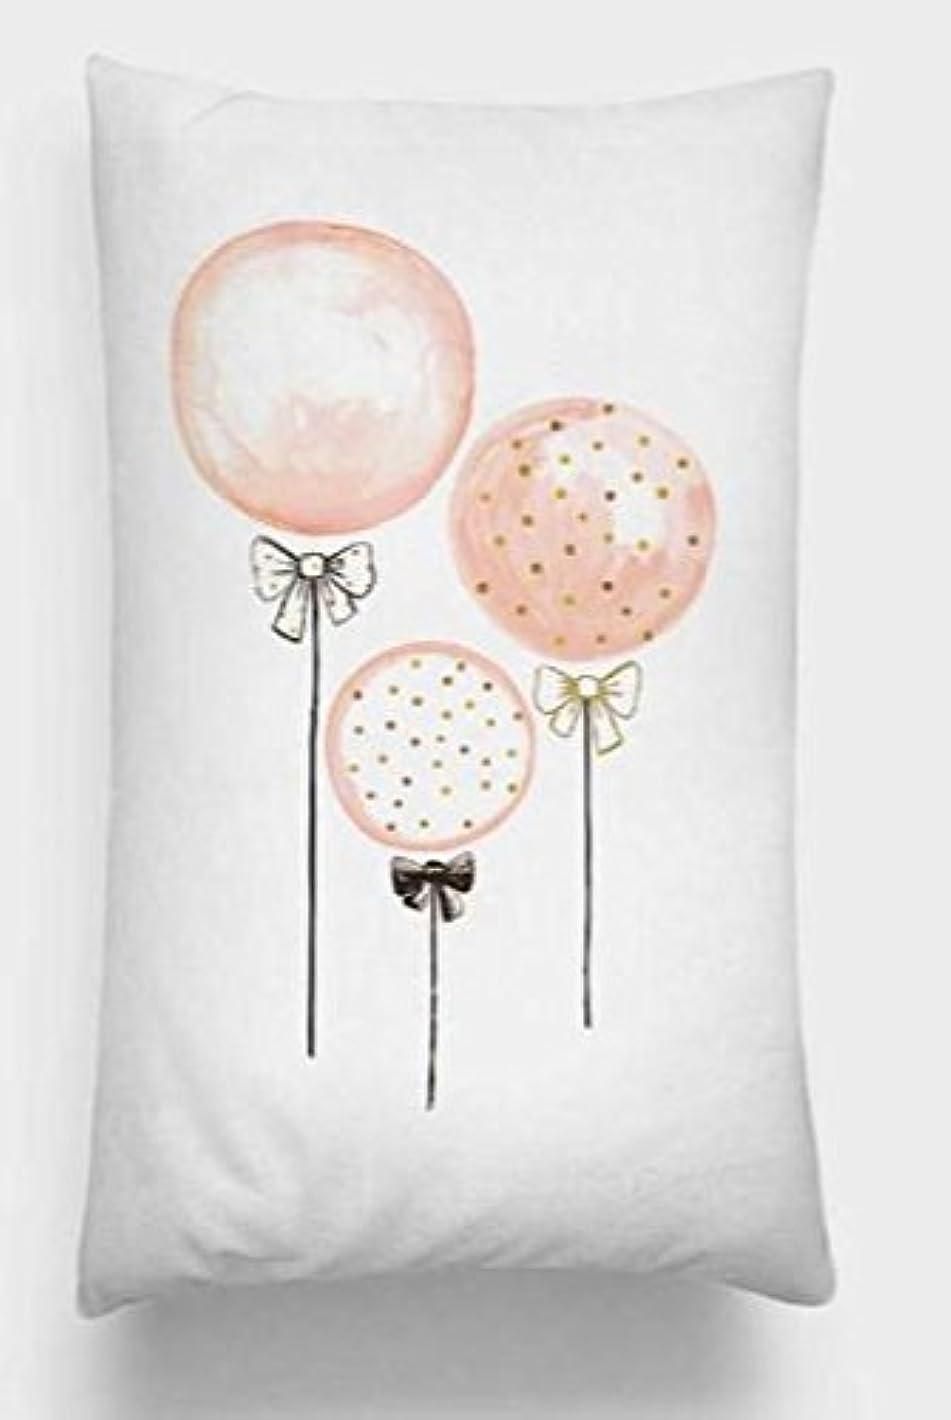 限られた謎ランクLIFE 新しいぬいぐるみピンクフラミンゴクッションガチョウの羽風船幾何北欧家の装飾ソファスロー枕用女の子ルーム装飾 クッション 椅子